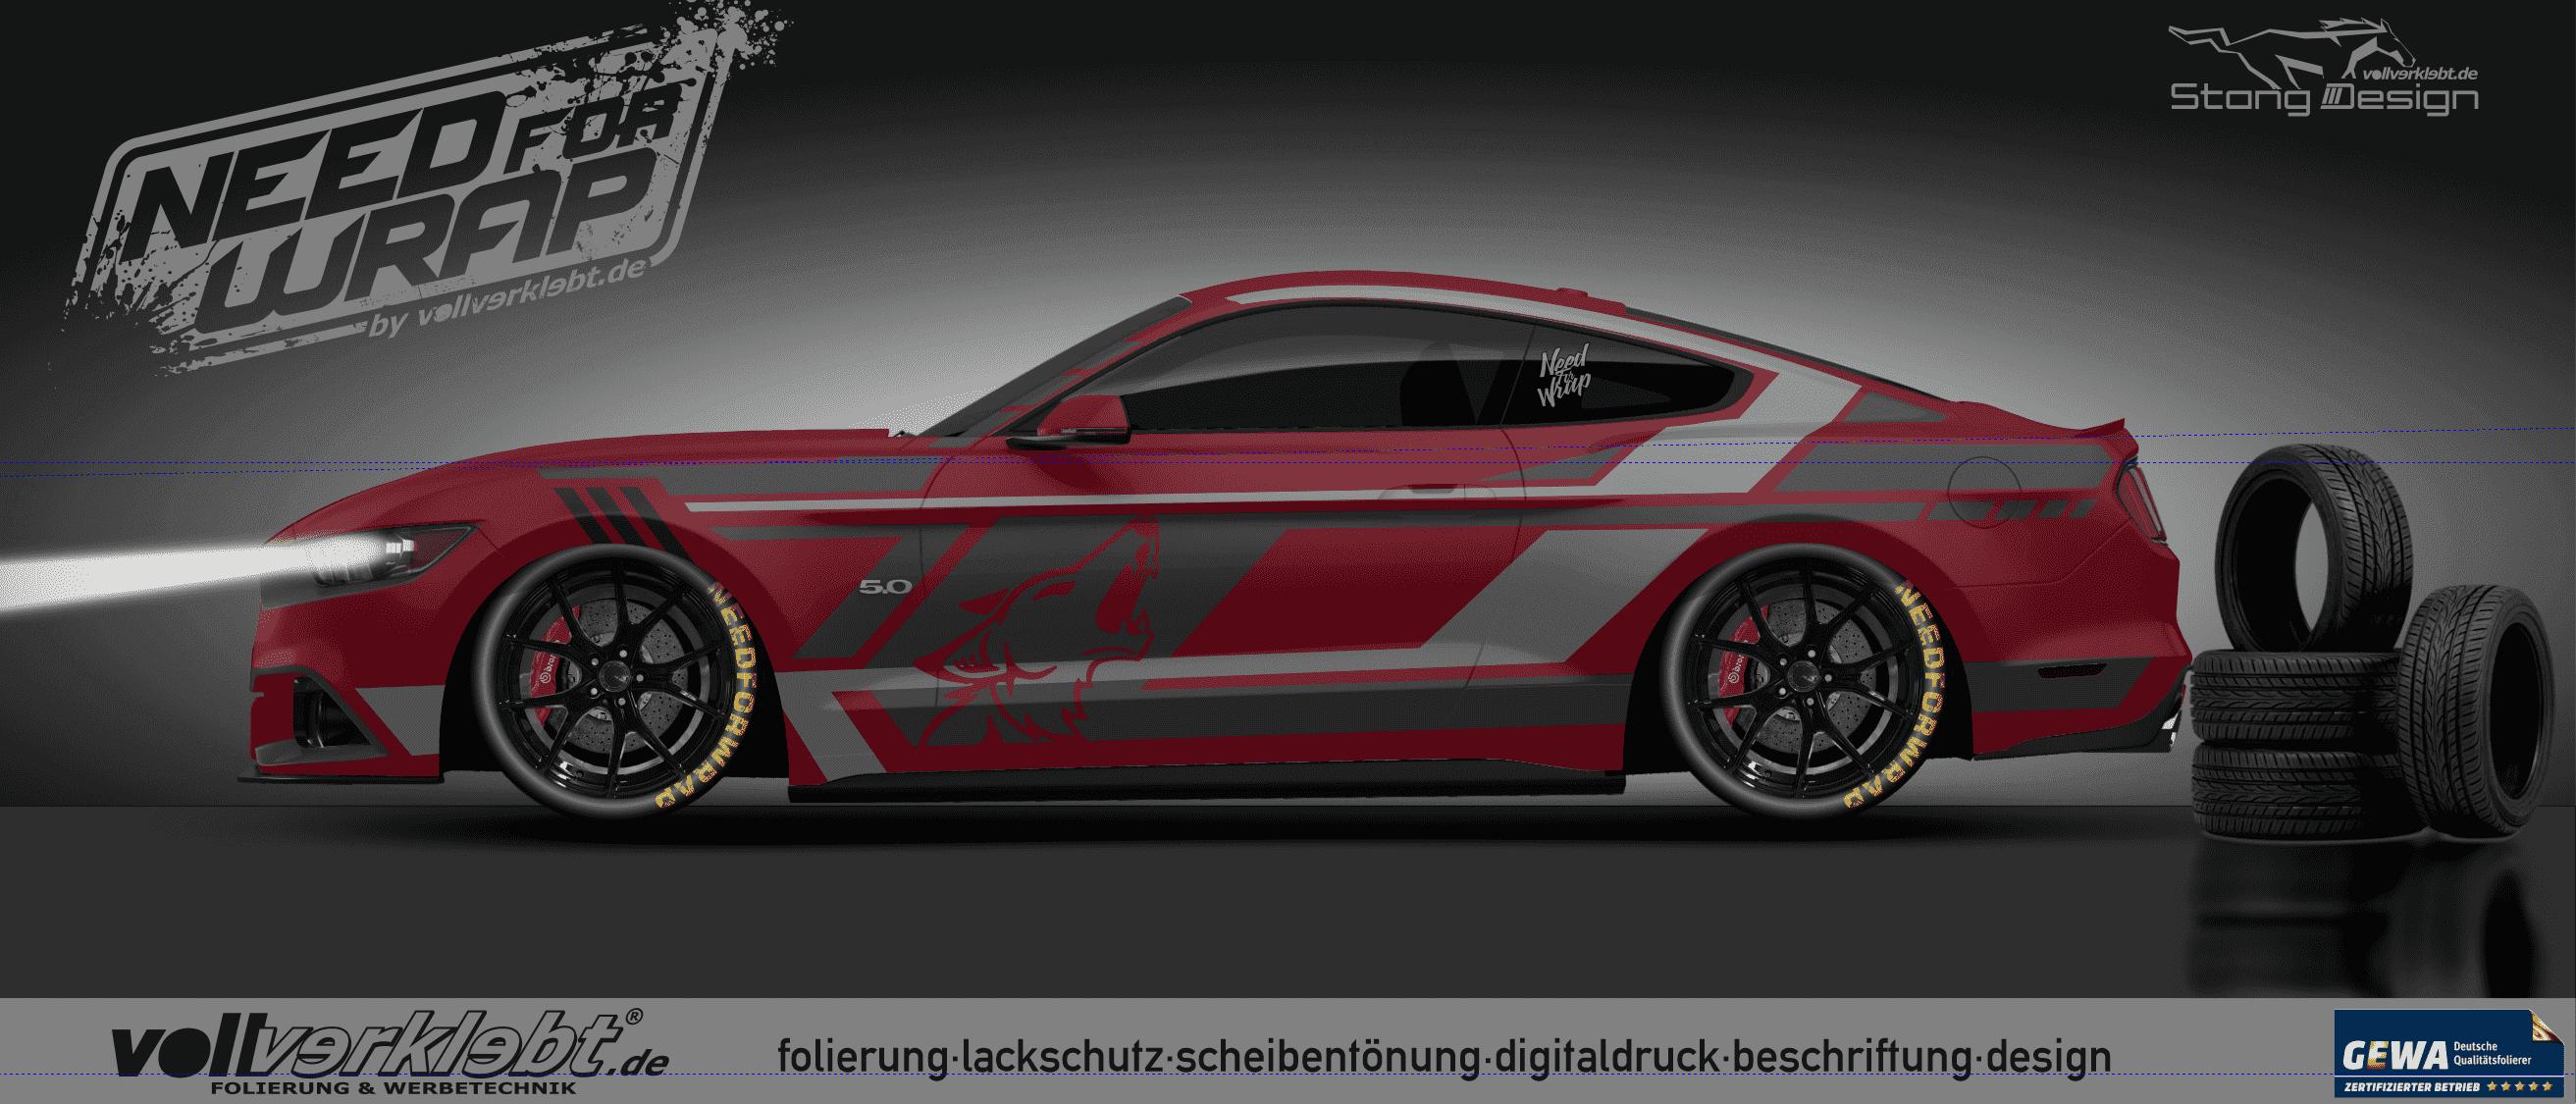 Mustang Gen6 S550 RUBYRED Design